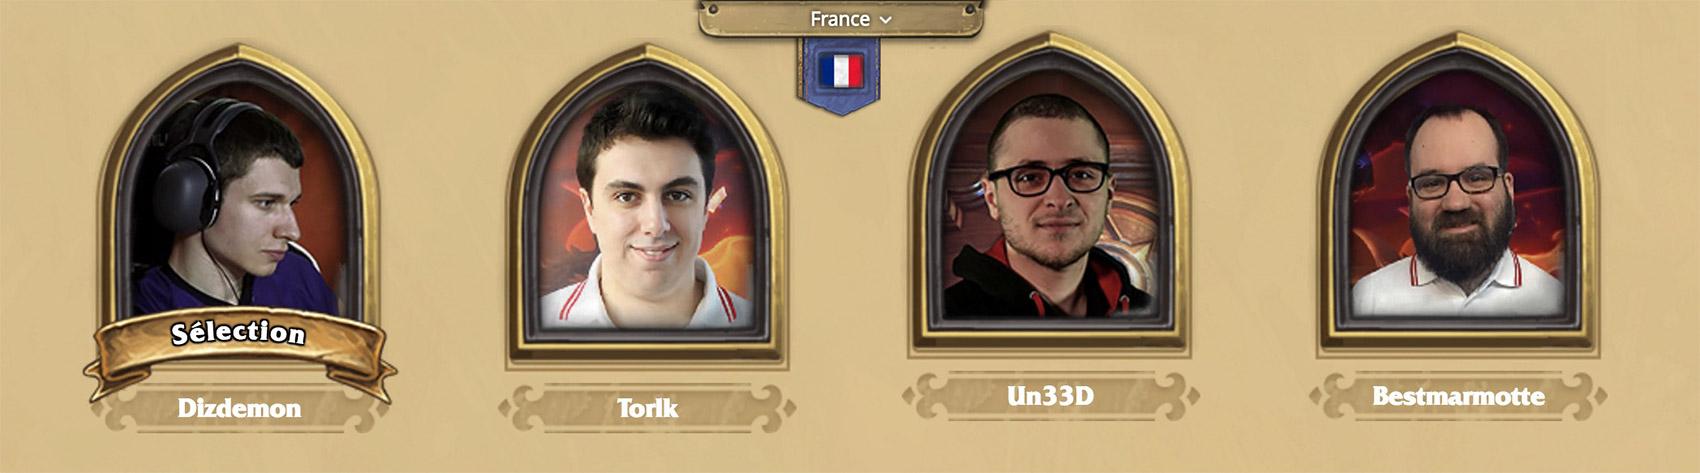 La composition de l'équipe de France des Hearthstone GG